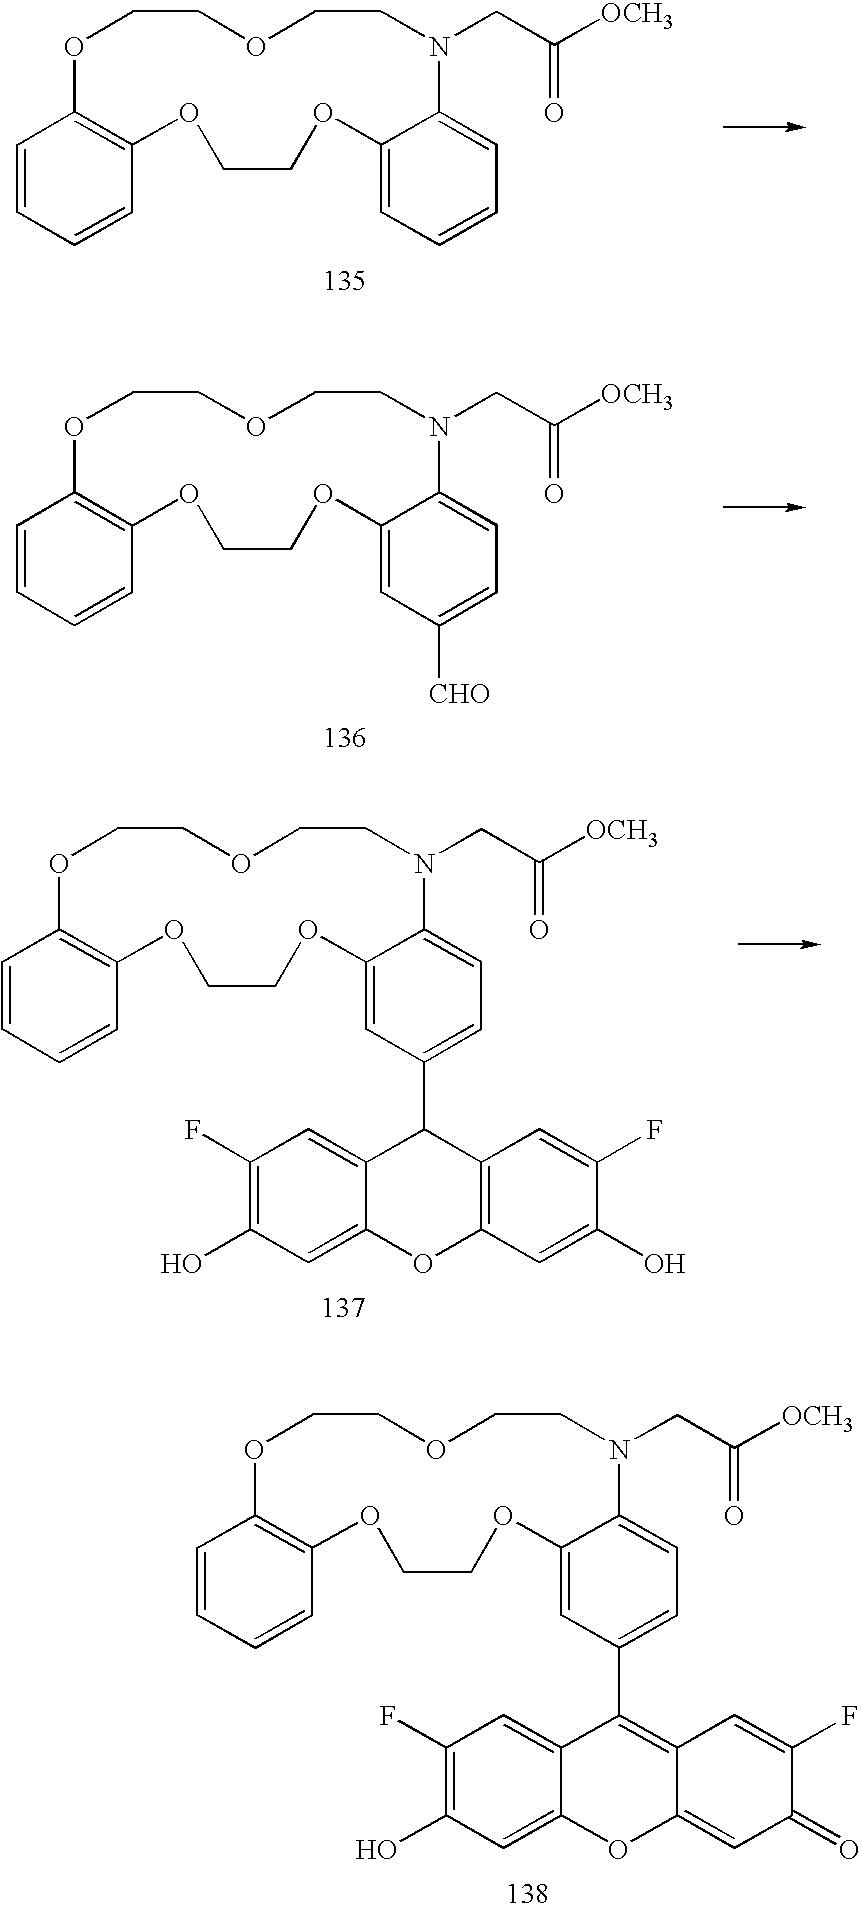 Figure US07579463-20090825-C00132